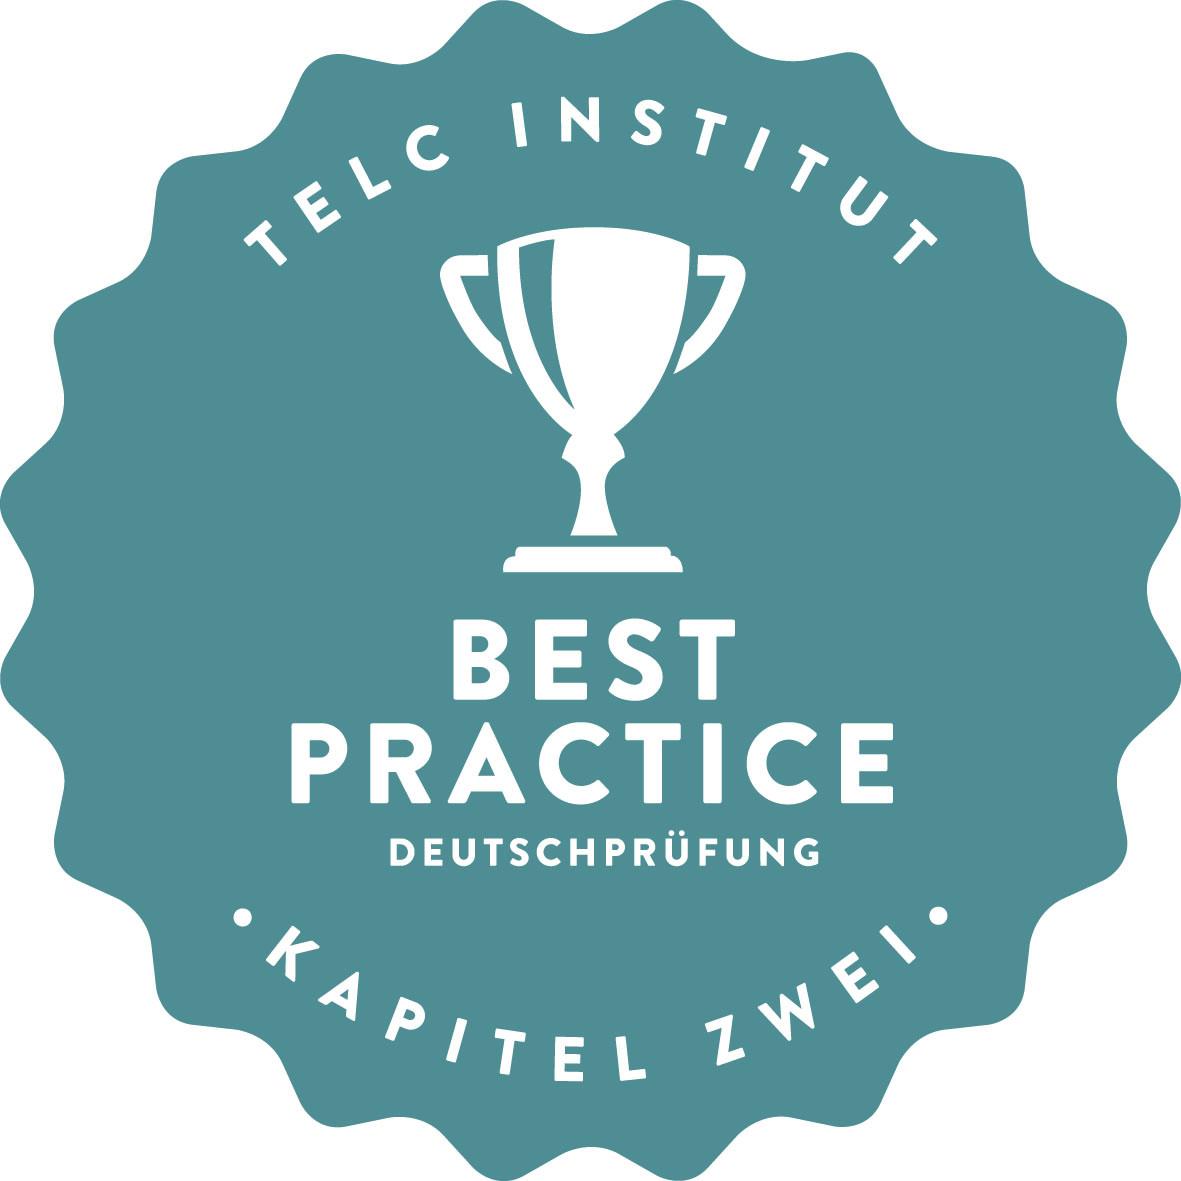 telc Deutsch Prüfung Berlin best practice